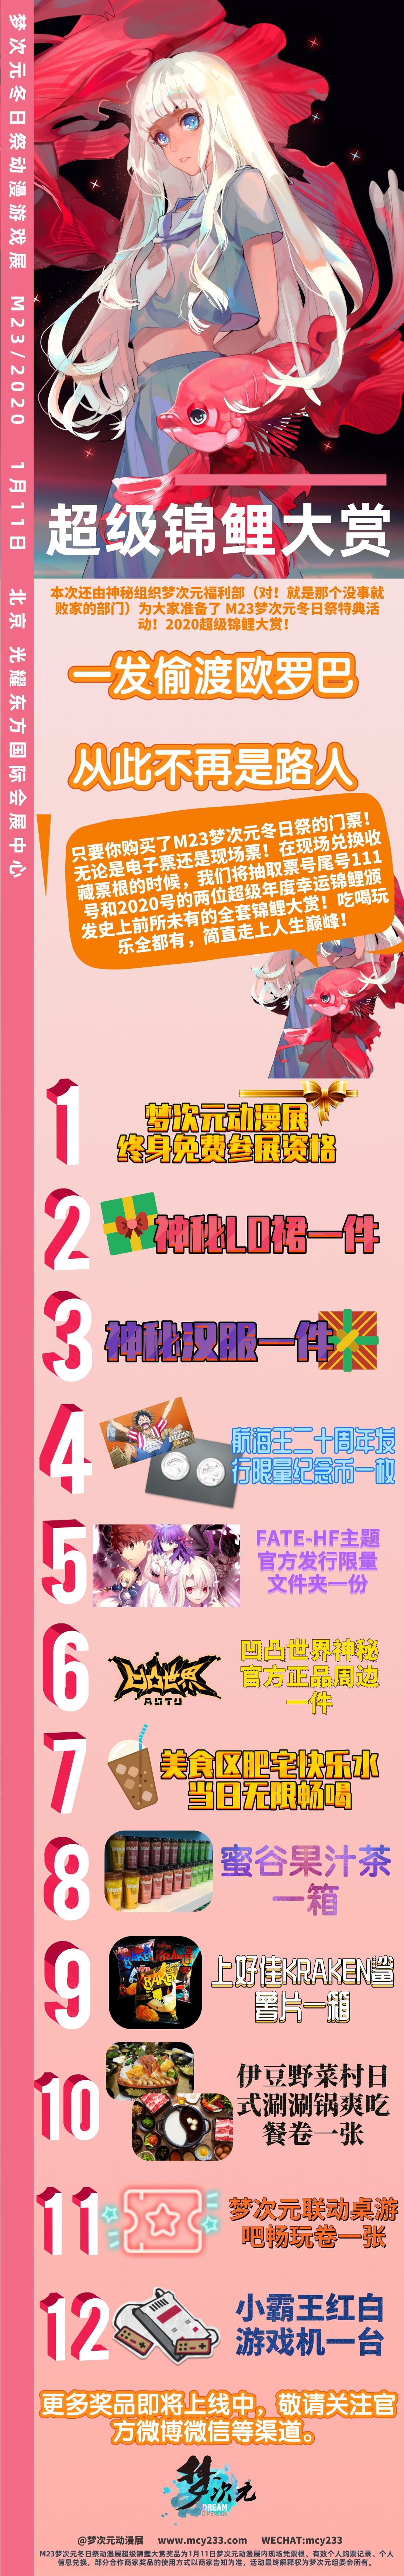 11超级锦鲤大赏.jpg